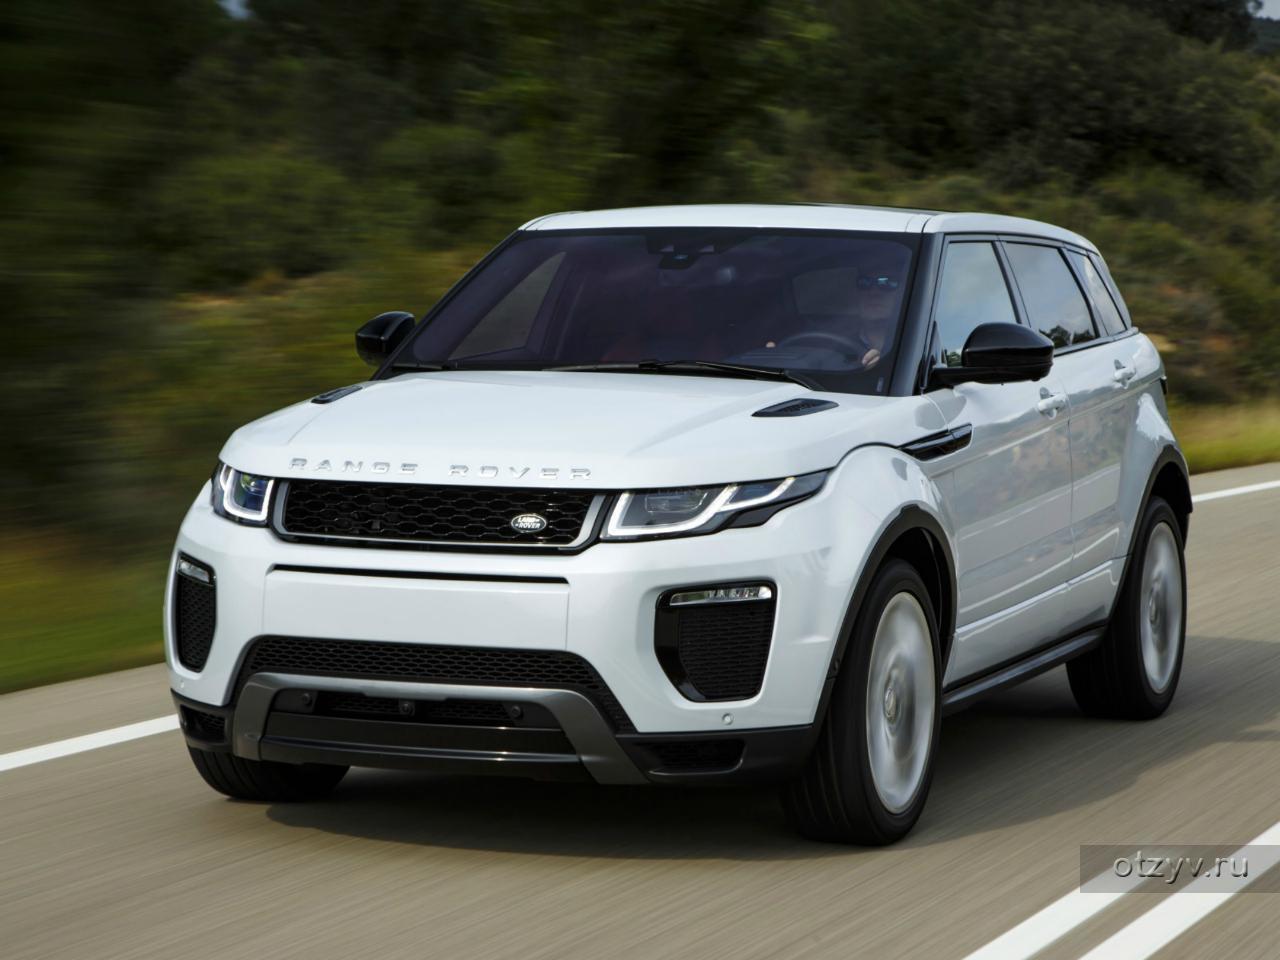 Продажа и замена автостекол Land Rover Range Rover Evogue. Лобовое стекло Land Rover Range Rover Evogue, боковое стекло Land Rover Range Rover Evogue, заднее автостекло Land Rover Range Rover Evogue. 89196022100